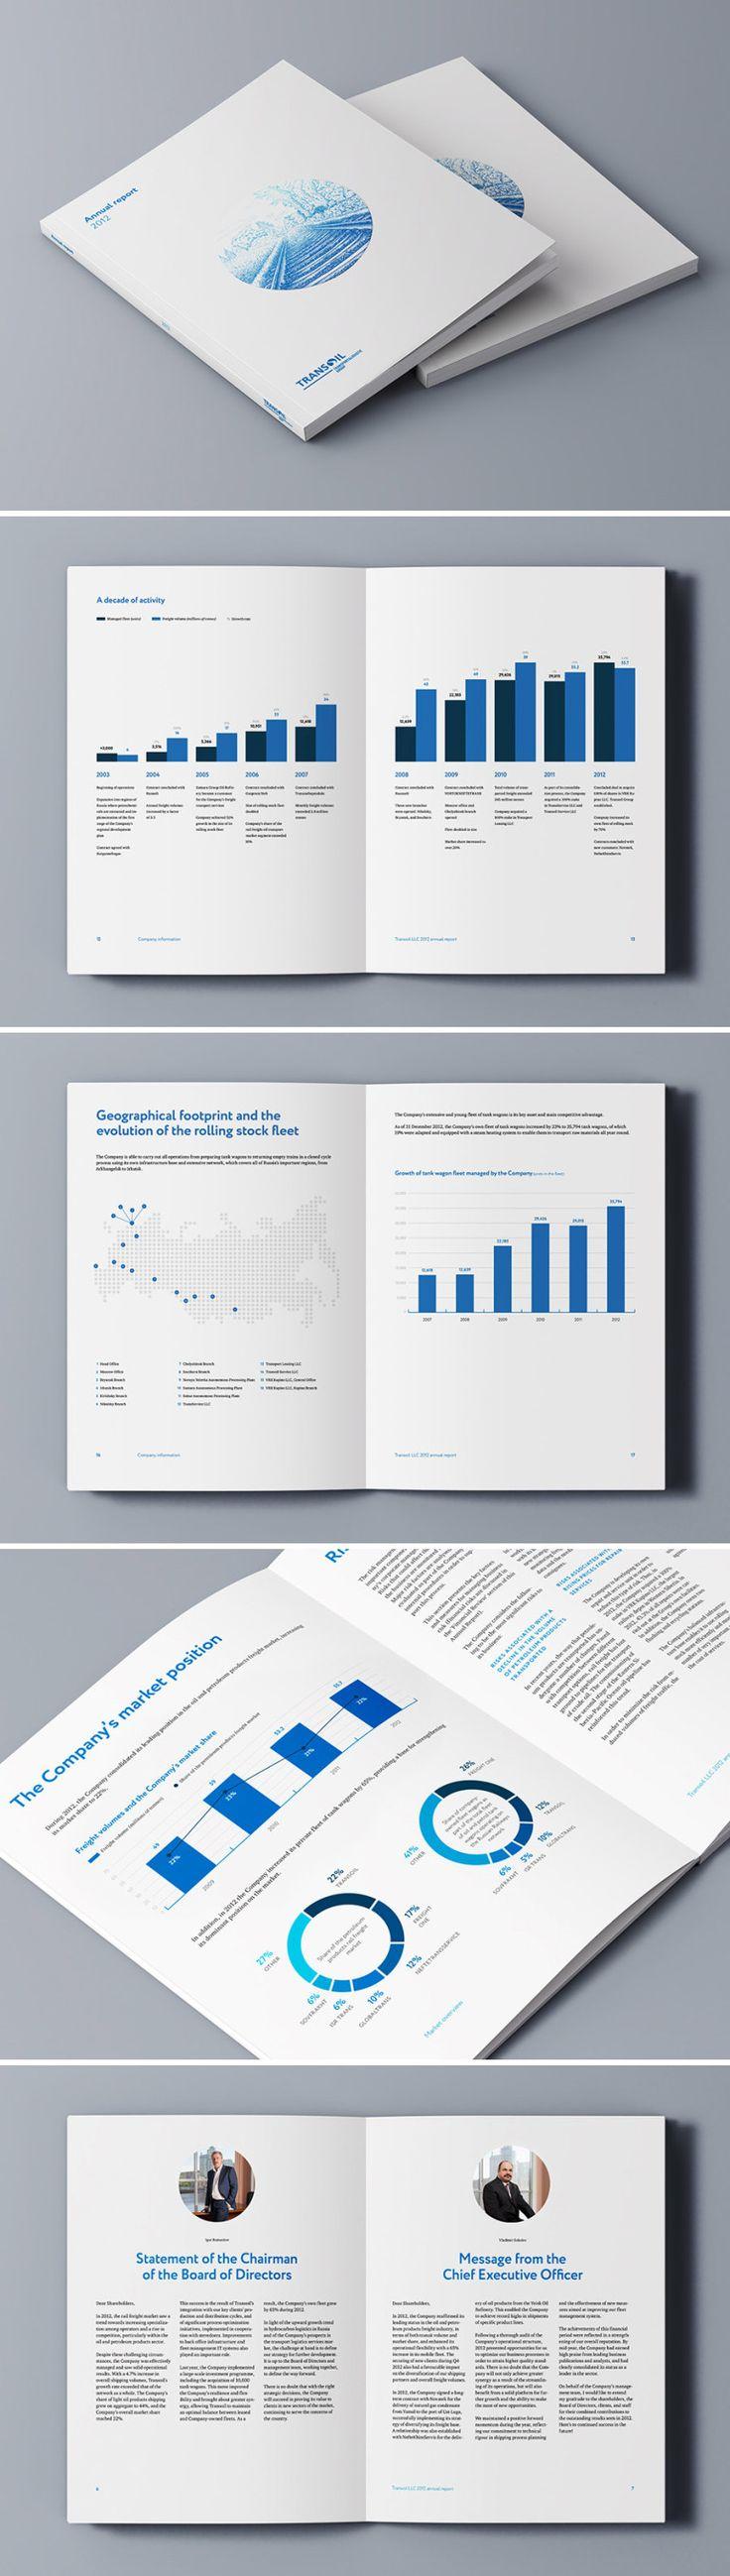 Erfreut Buch Bericht Powerpoint Vorlage Galerie ...